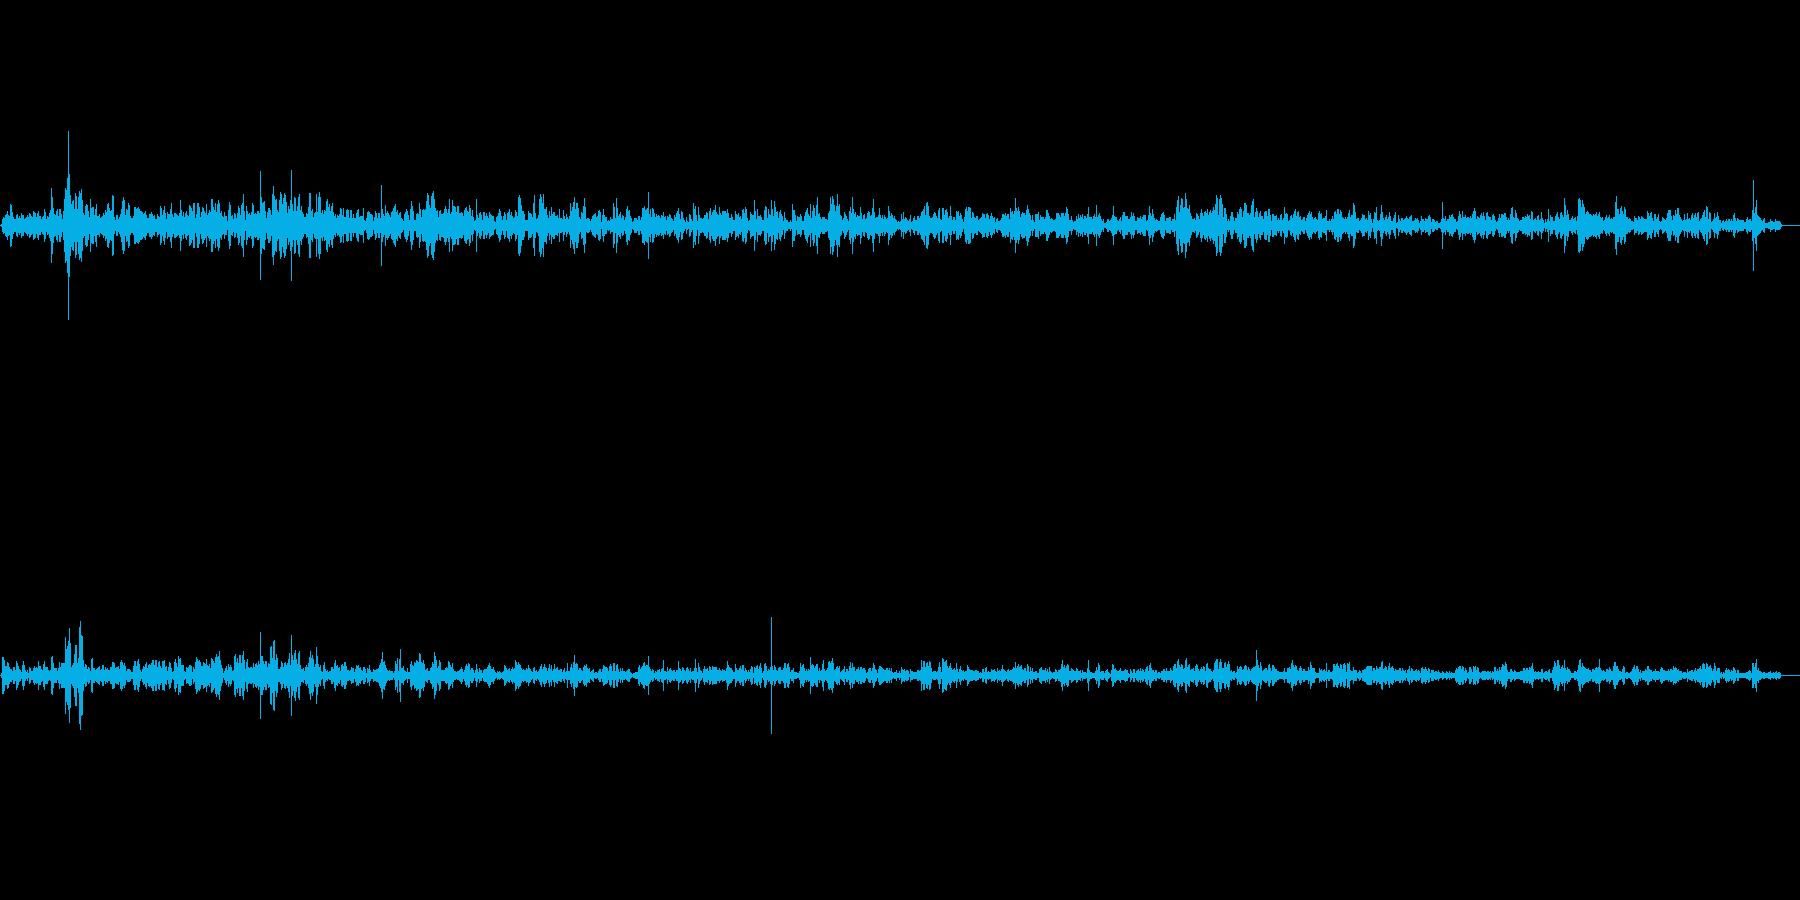 建物に当たる雨(環境音)の再生済みの波形